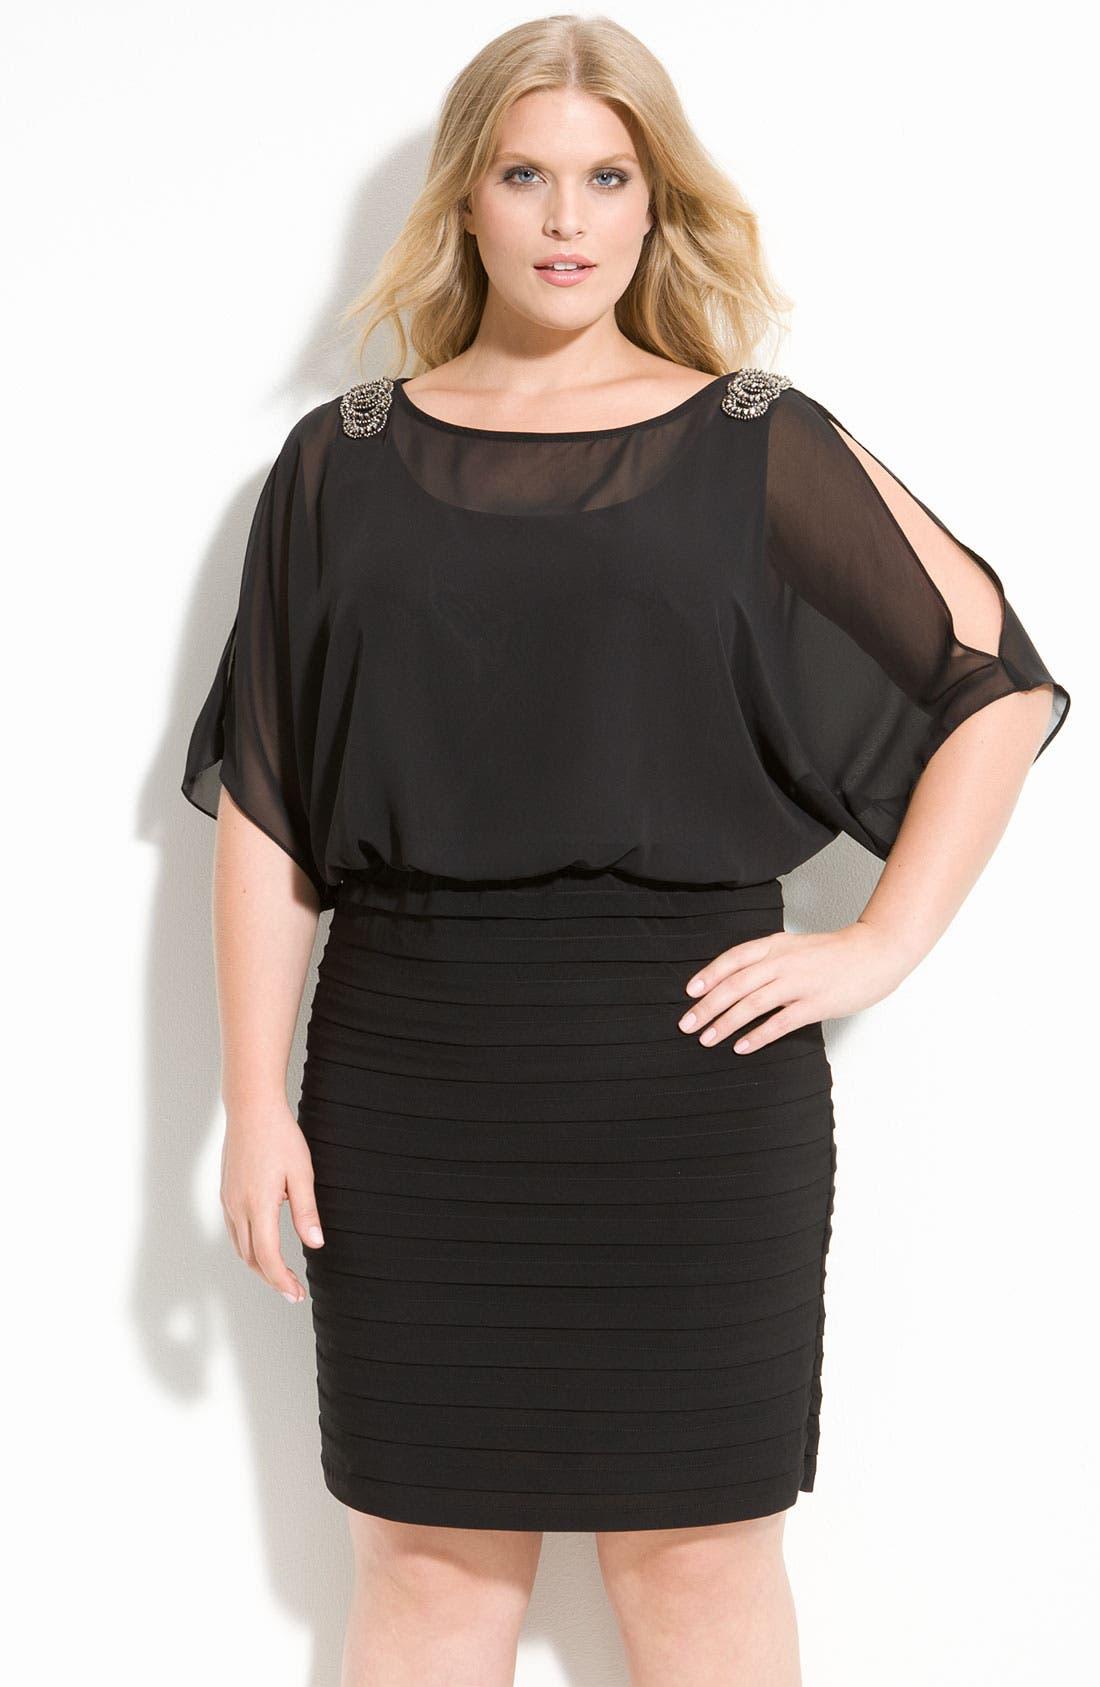 Main Image - Xscape Beaded Cold Shoulder Dress (Plus Size)